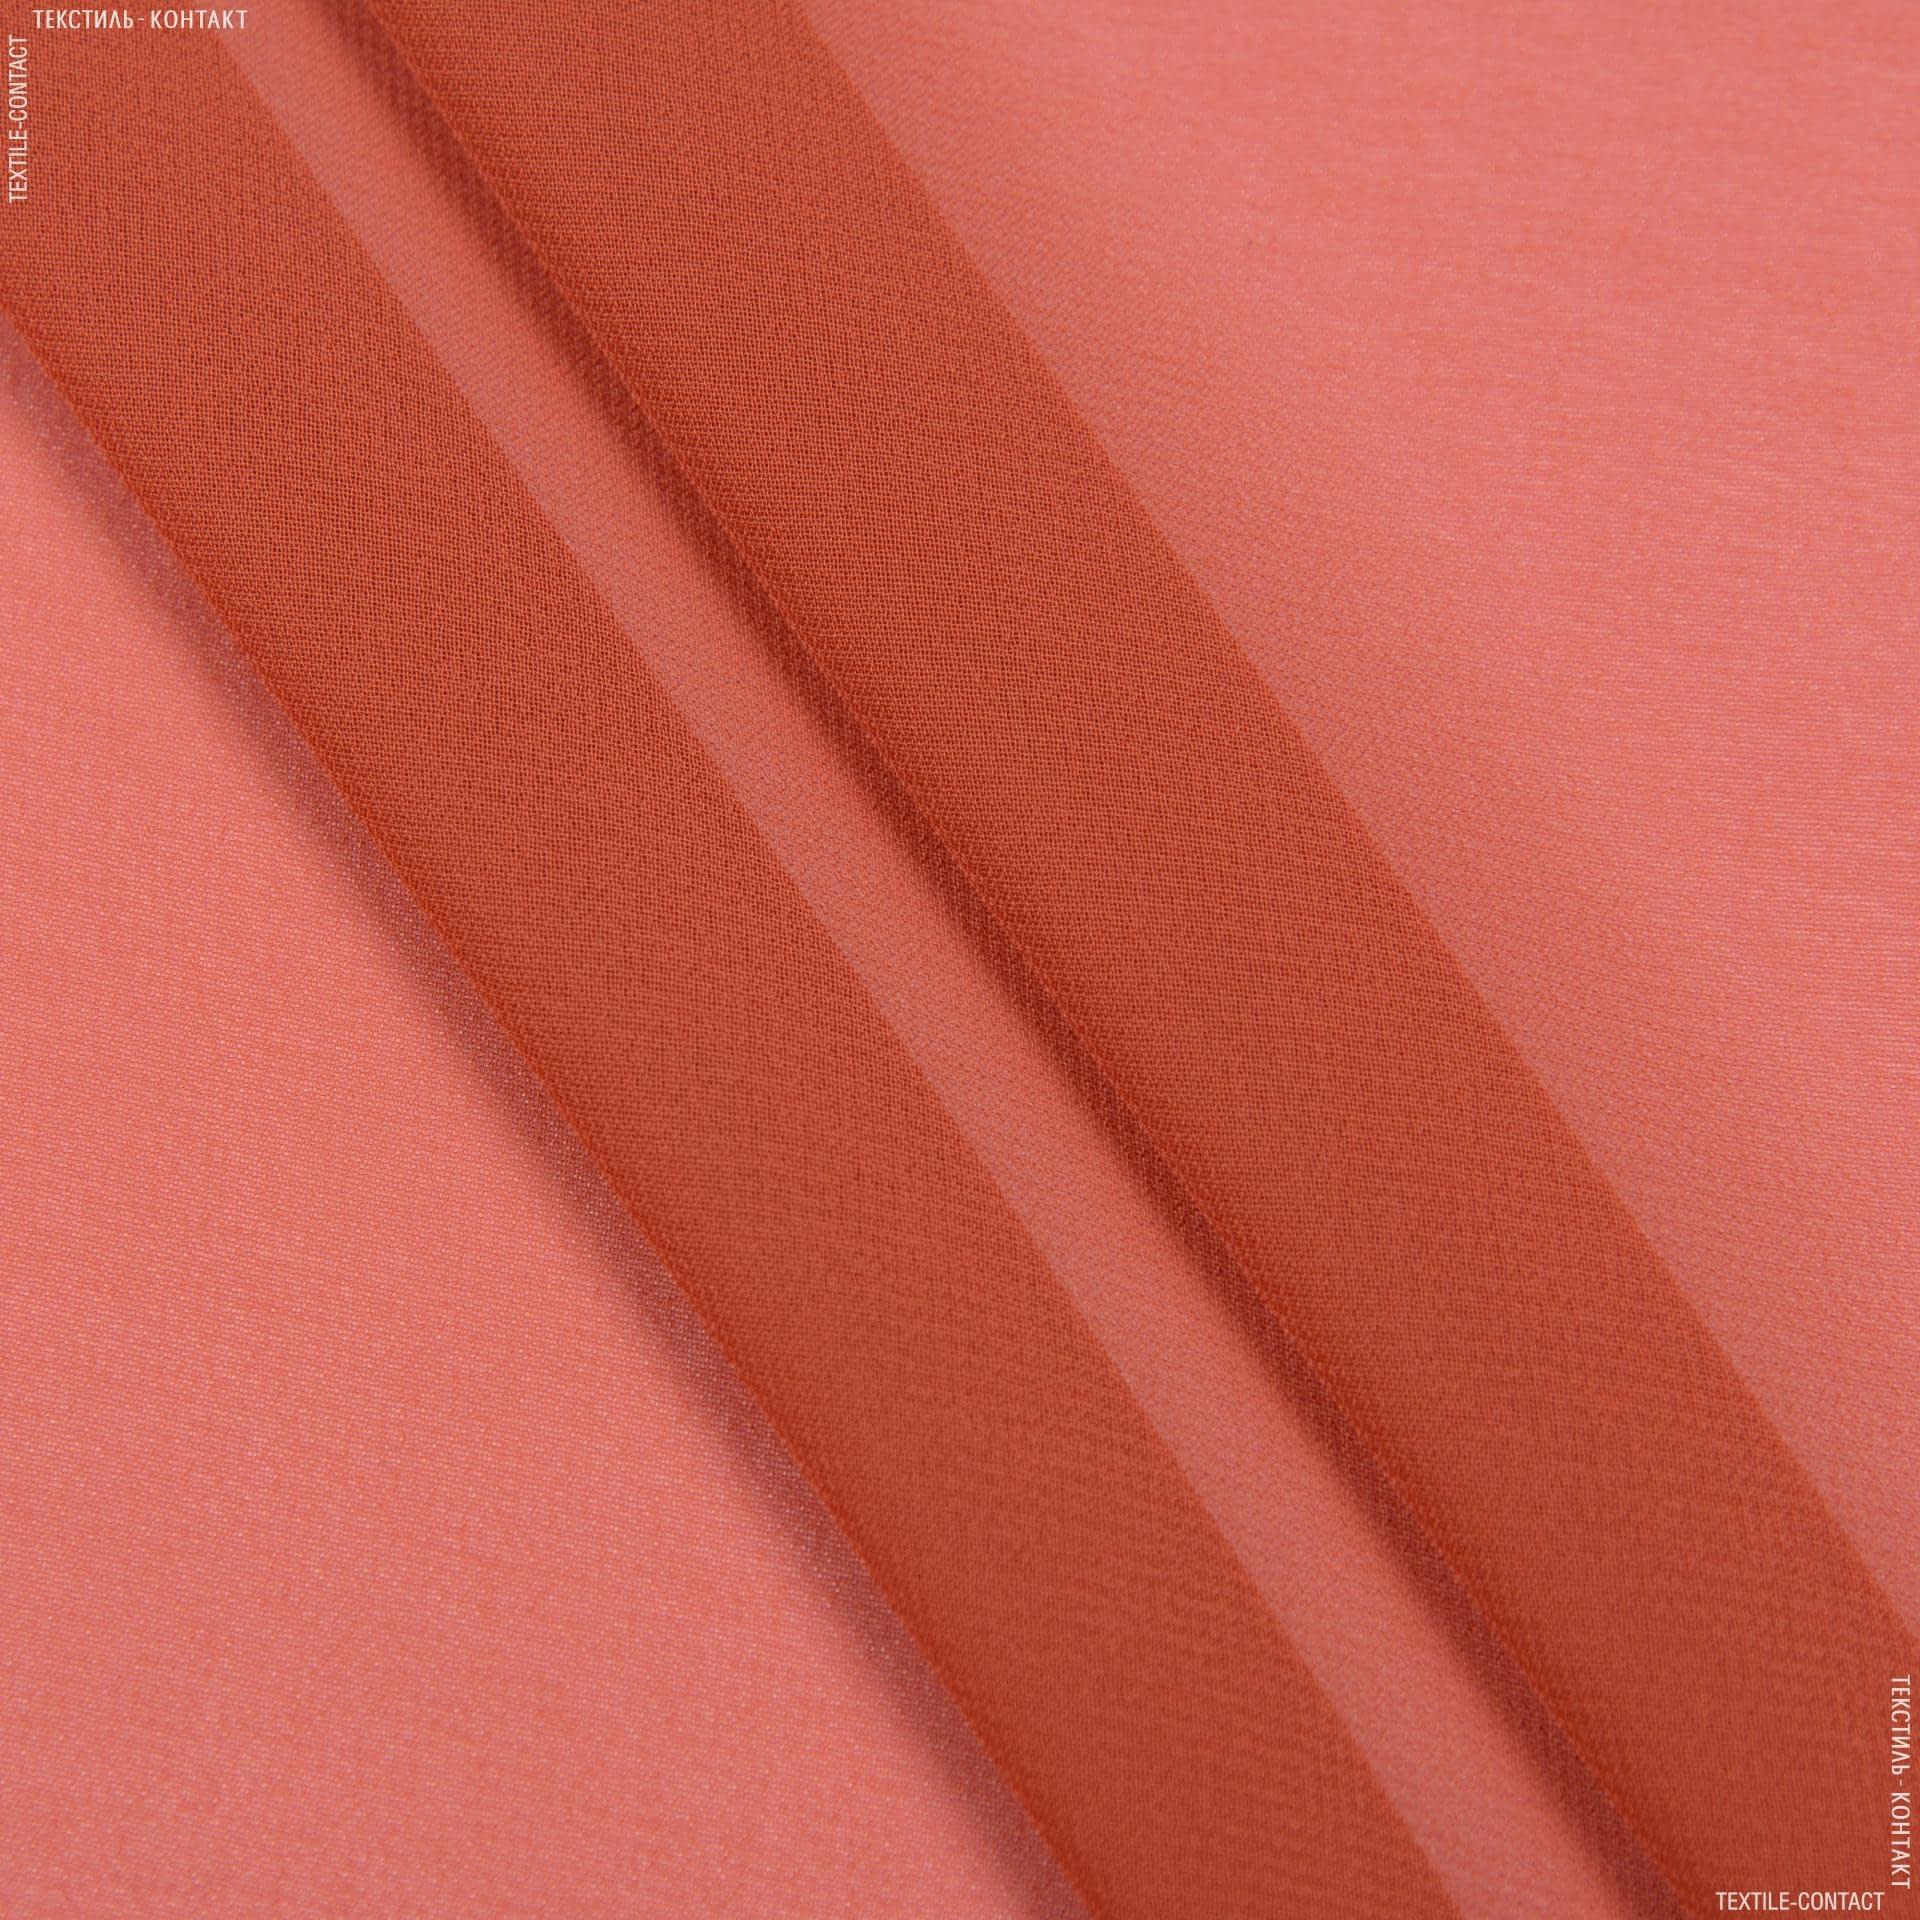 Тканини для хусток та бандан - Шифон мульті теракотовий